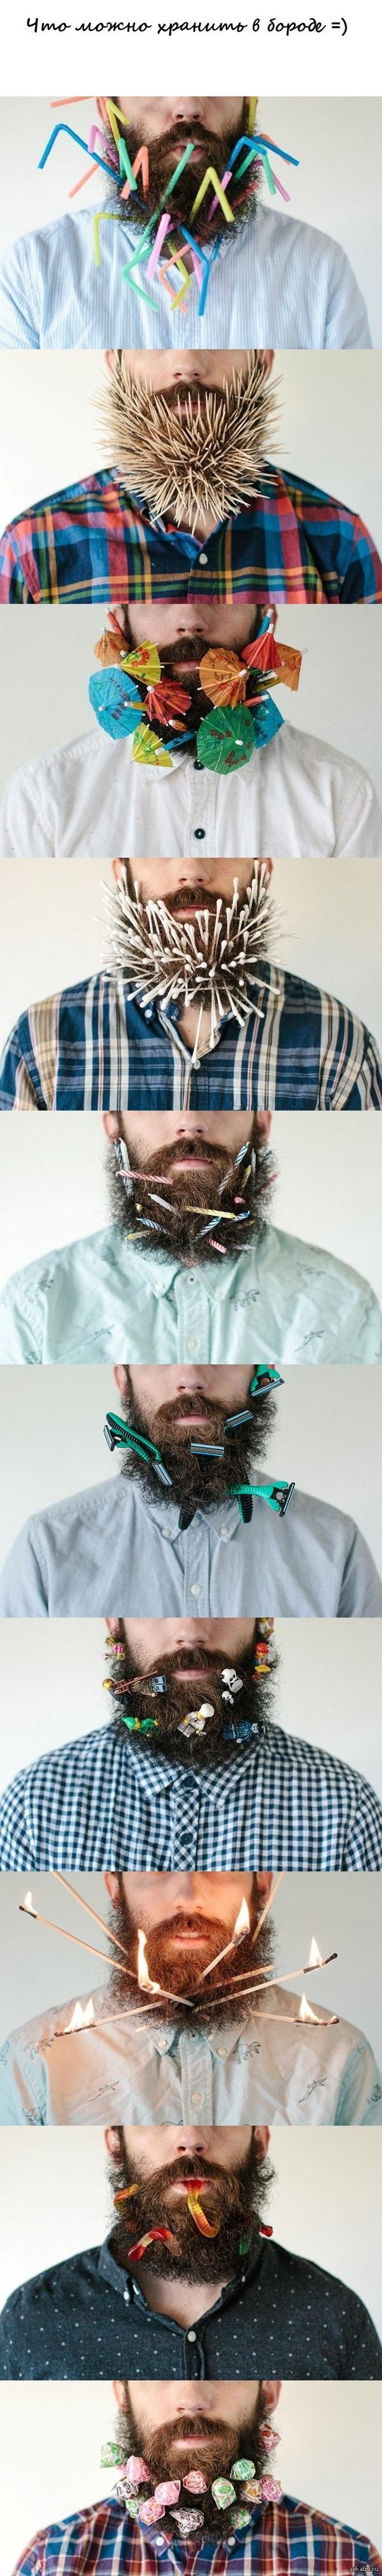 Борода это удобно.